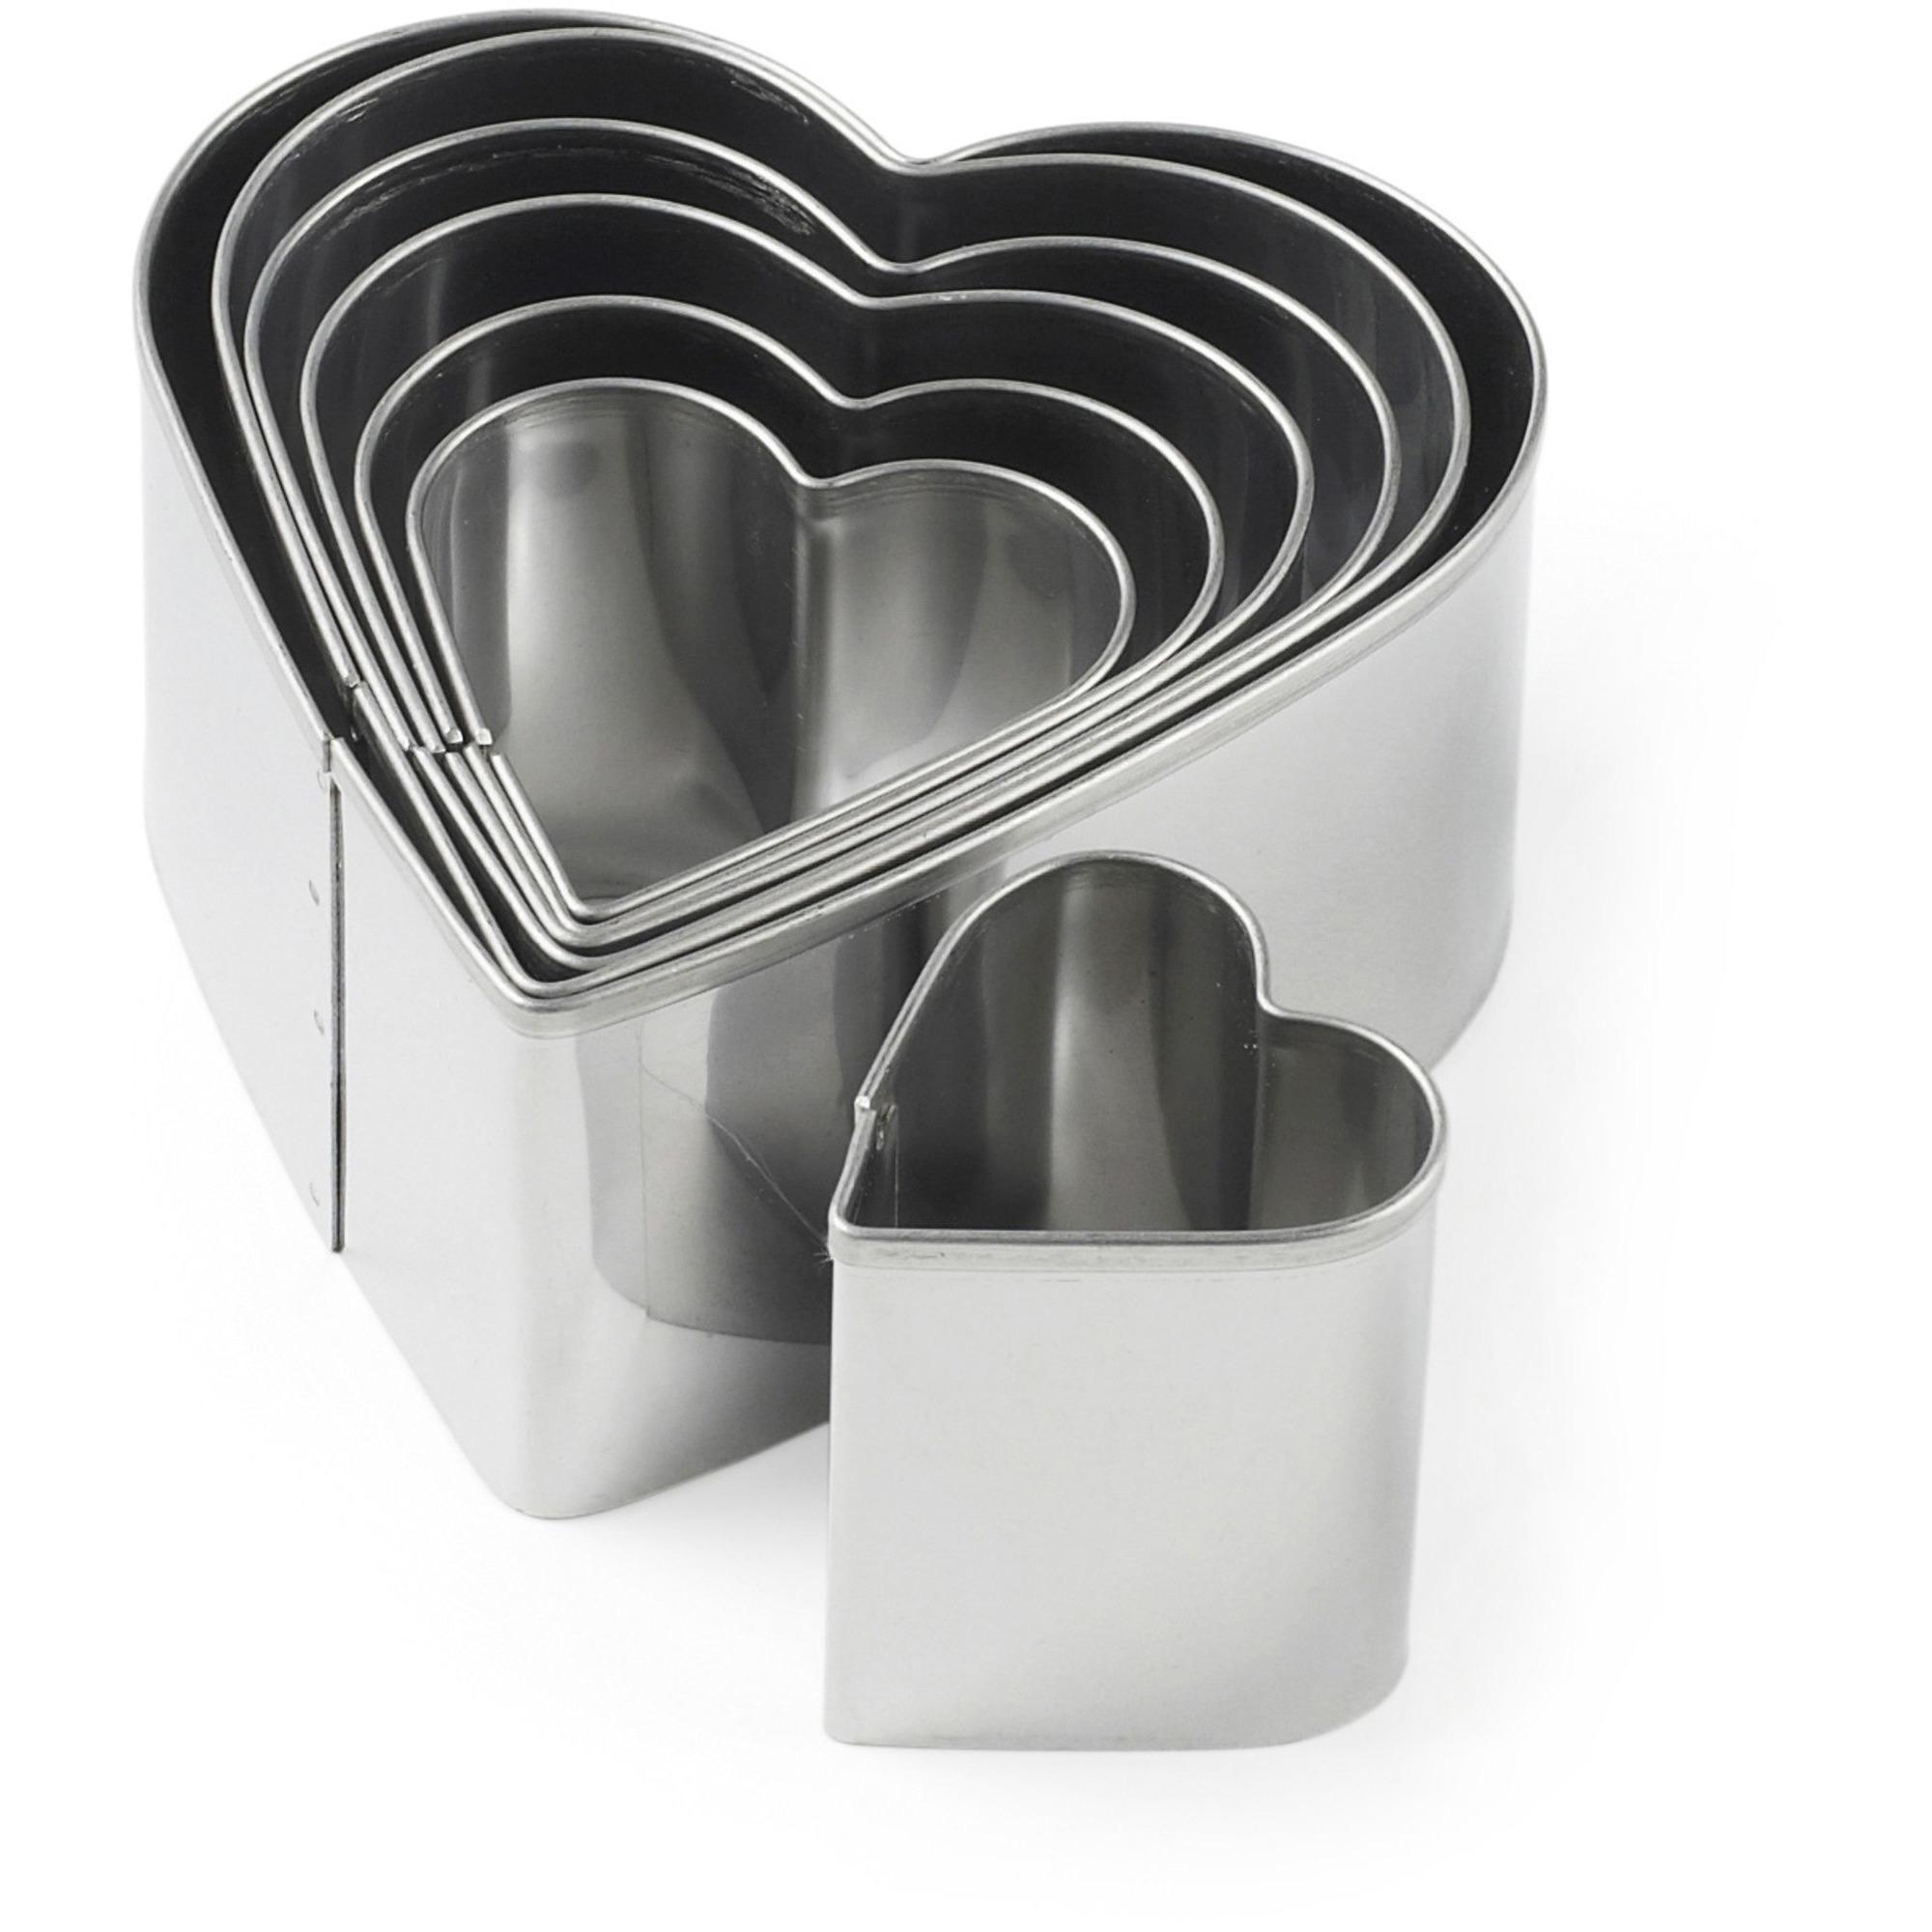 Blomsterbergs Utstickarset hjärtform 7 delar